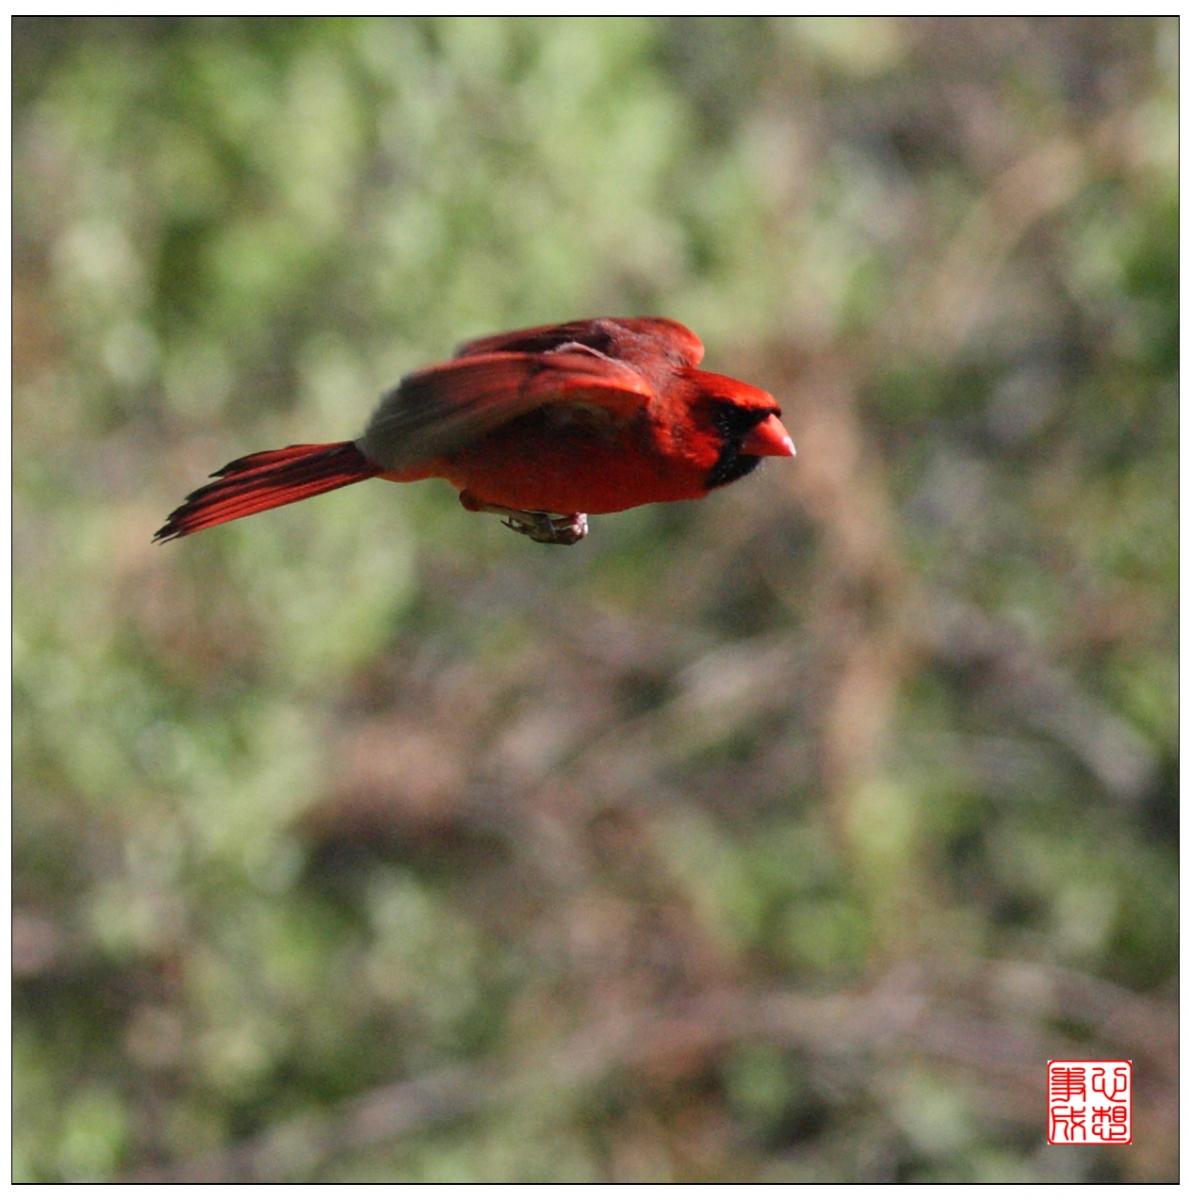 【心想事成】再拍红衣教主_图1-4